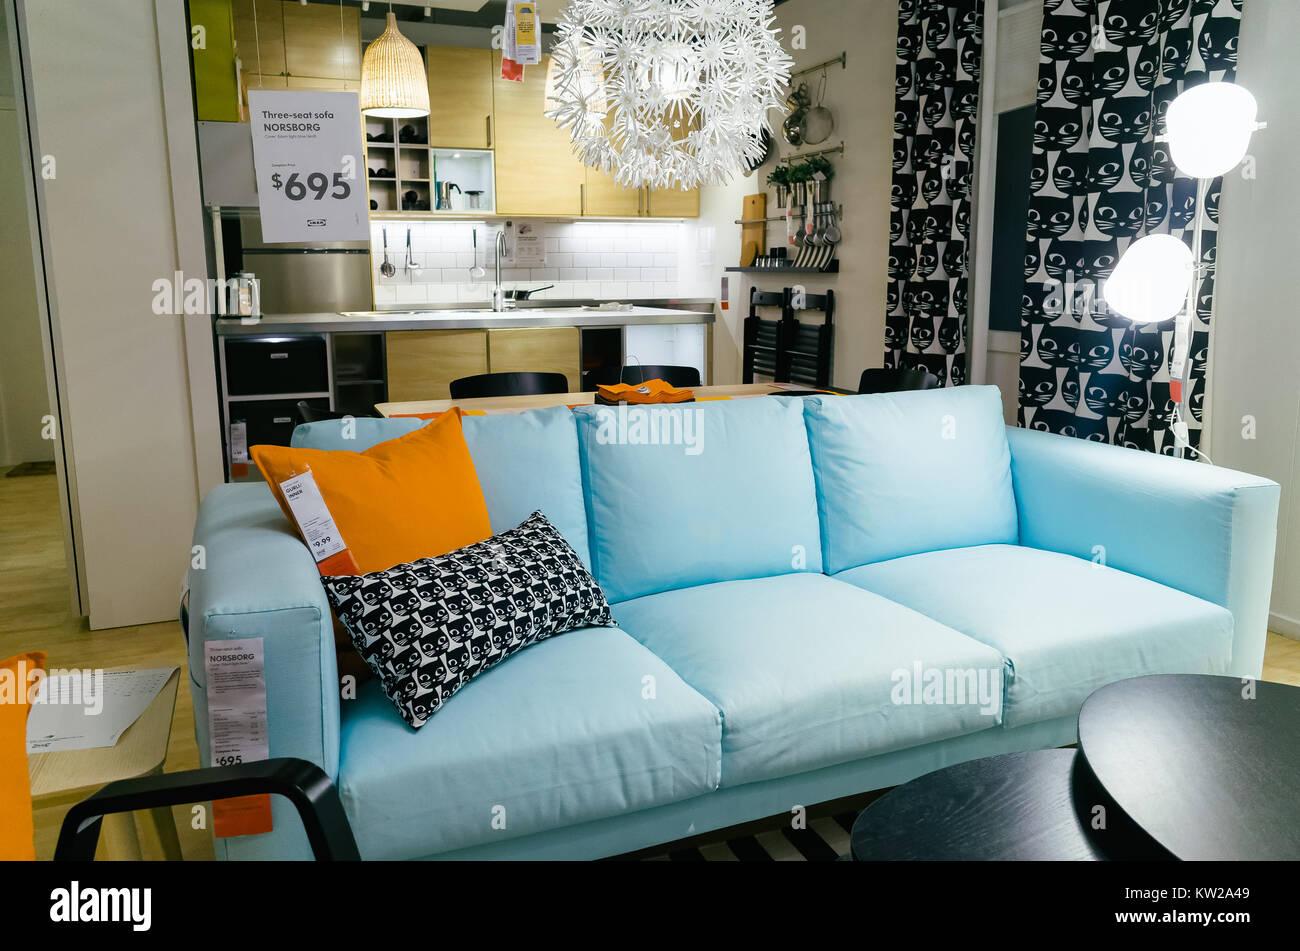 Modello di cucina e soggiorno a Ikea show room in Tempe, Sydney ...